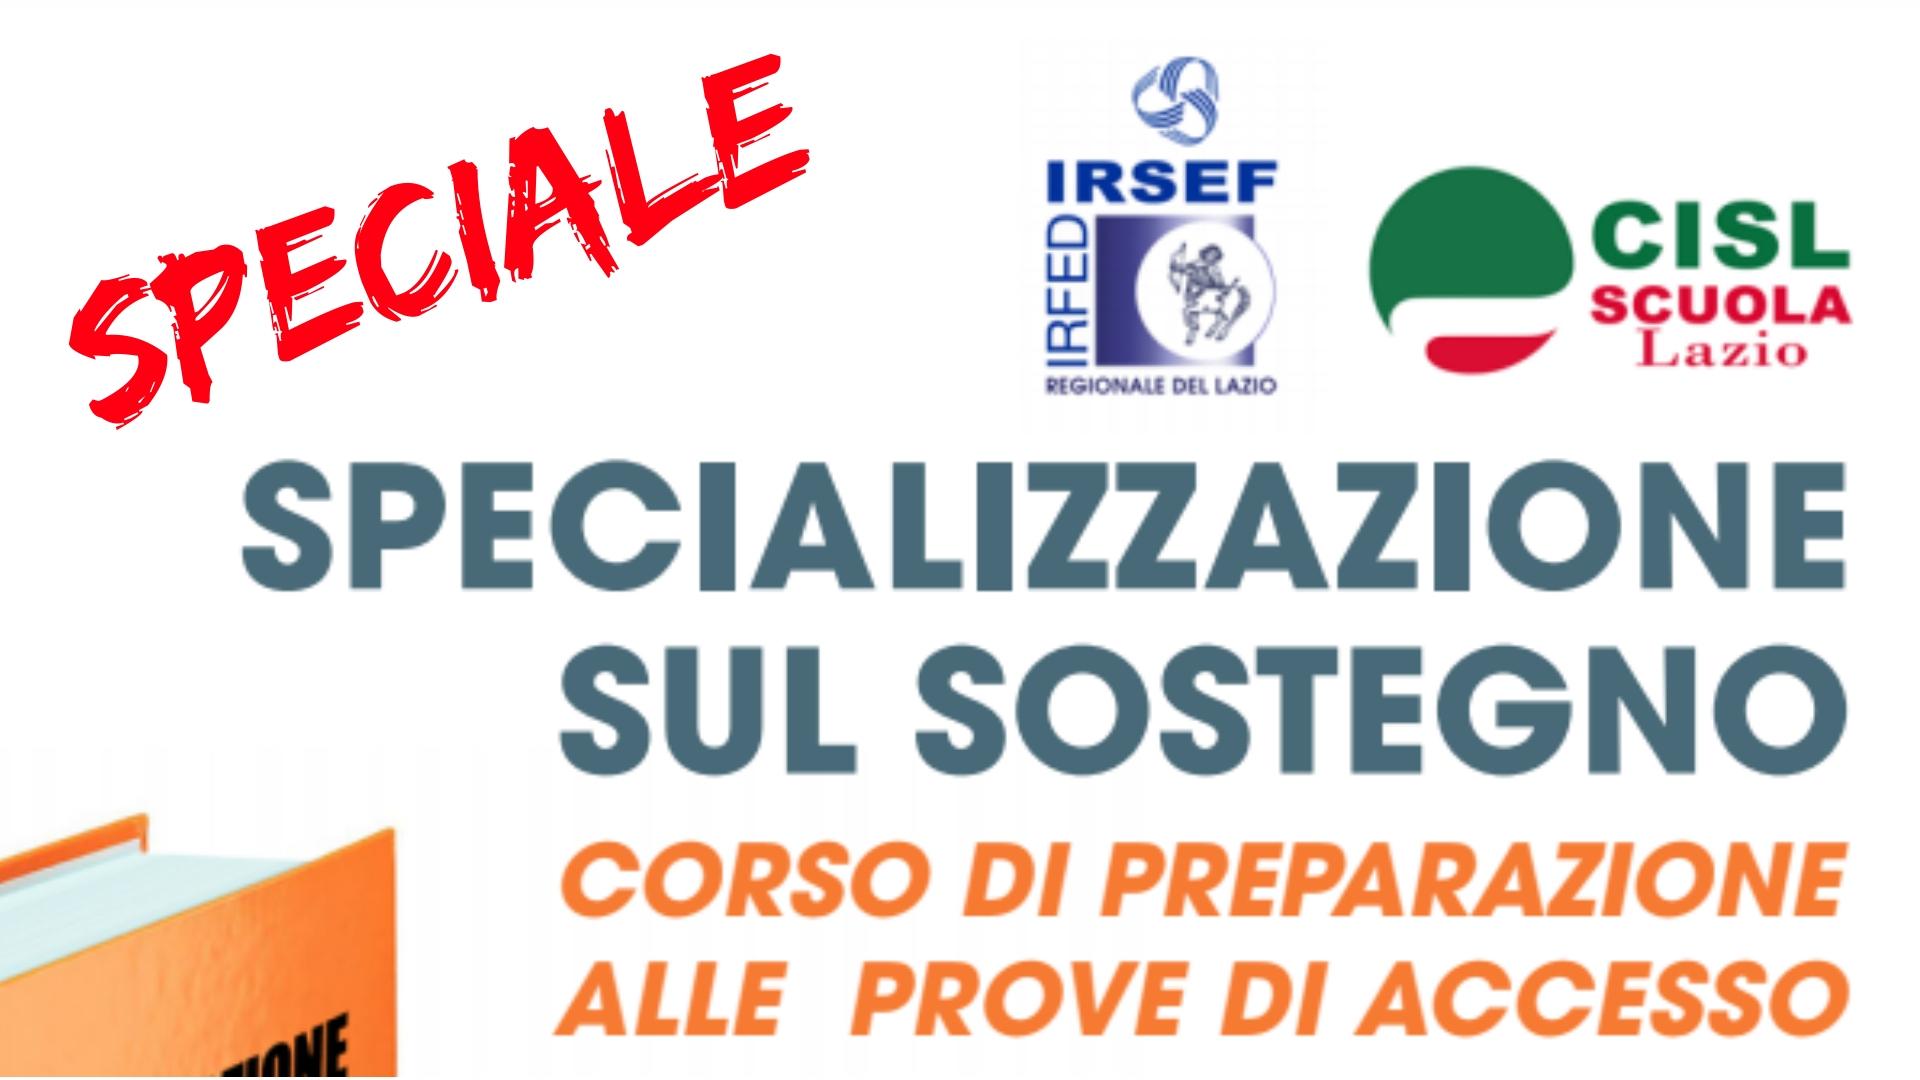 Specializzazione SostegnoFROSINONE